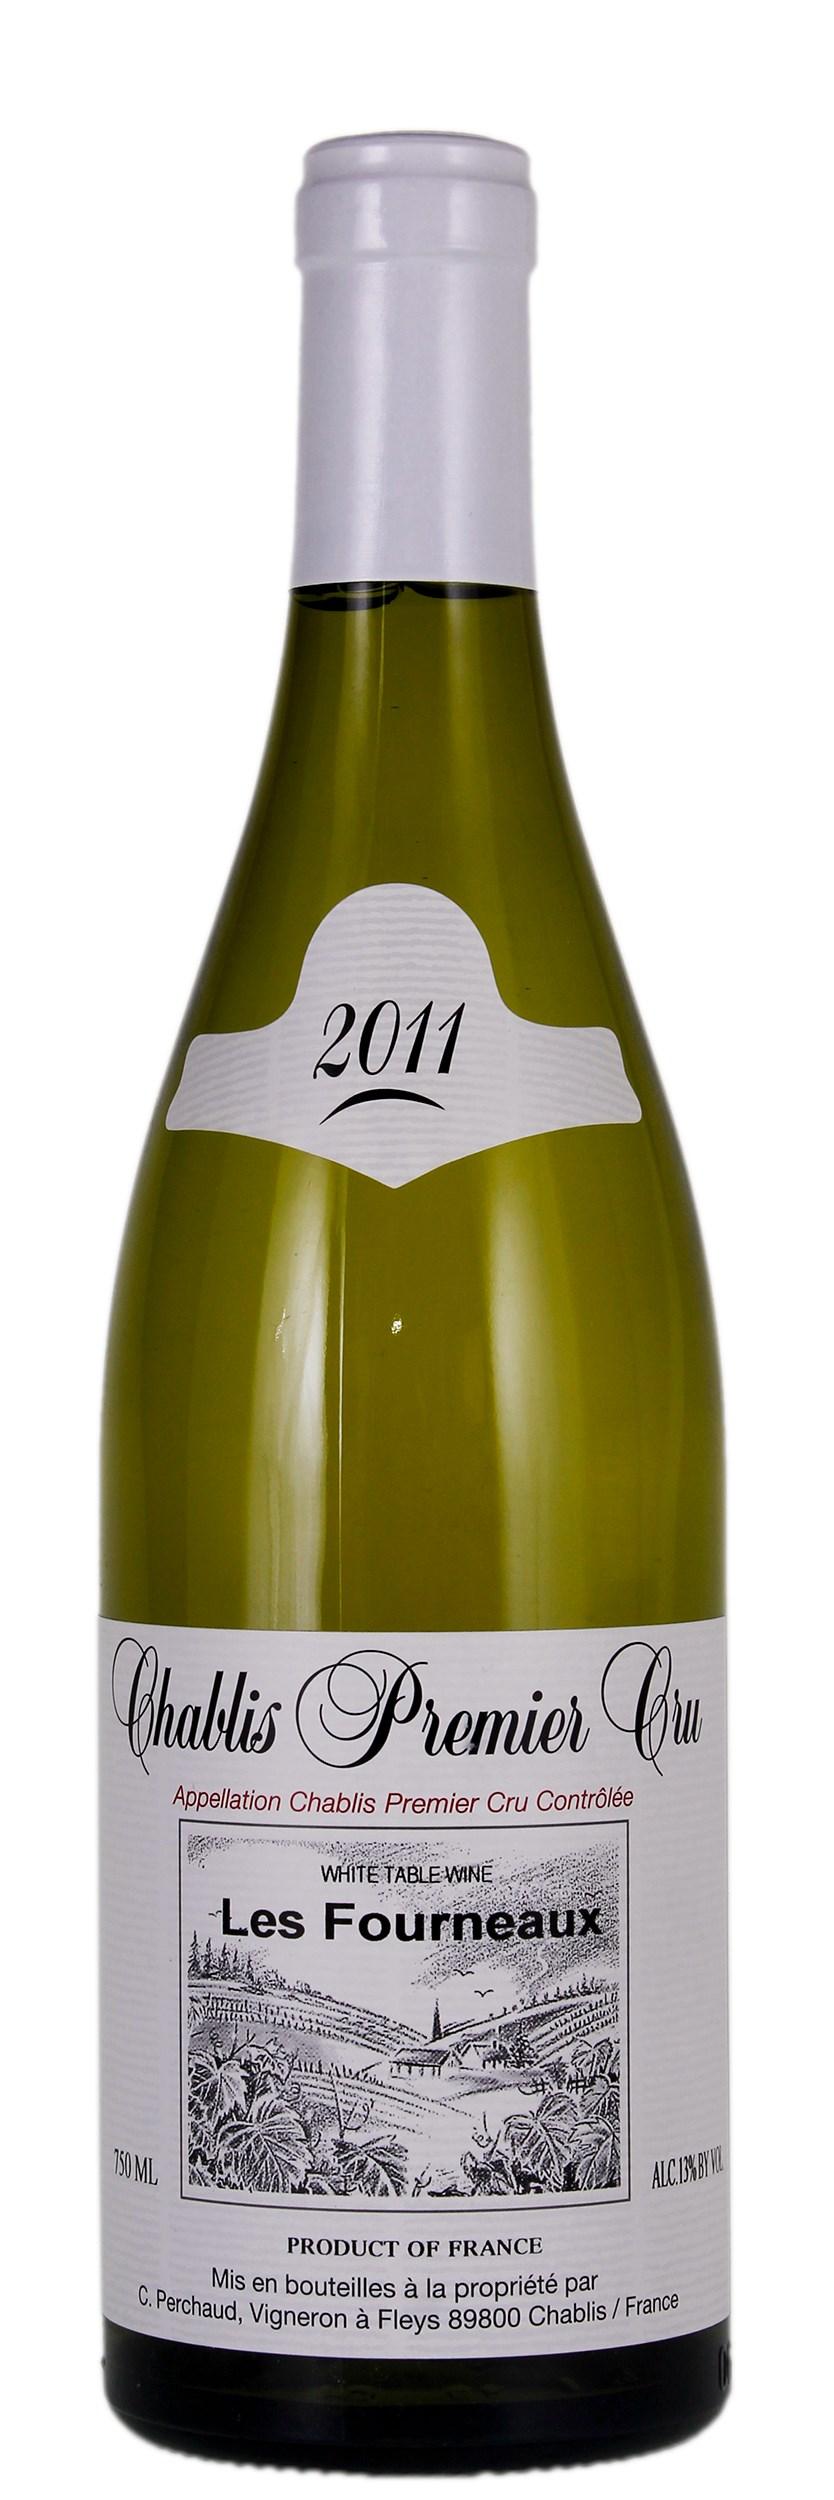 Defaix Chablis 2011 Domaine Bernard Defaix White Wine 75cl Bottle